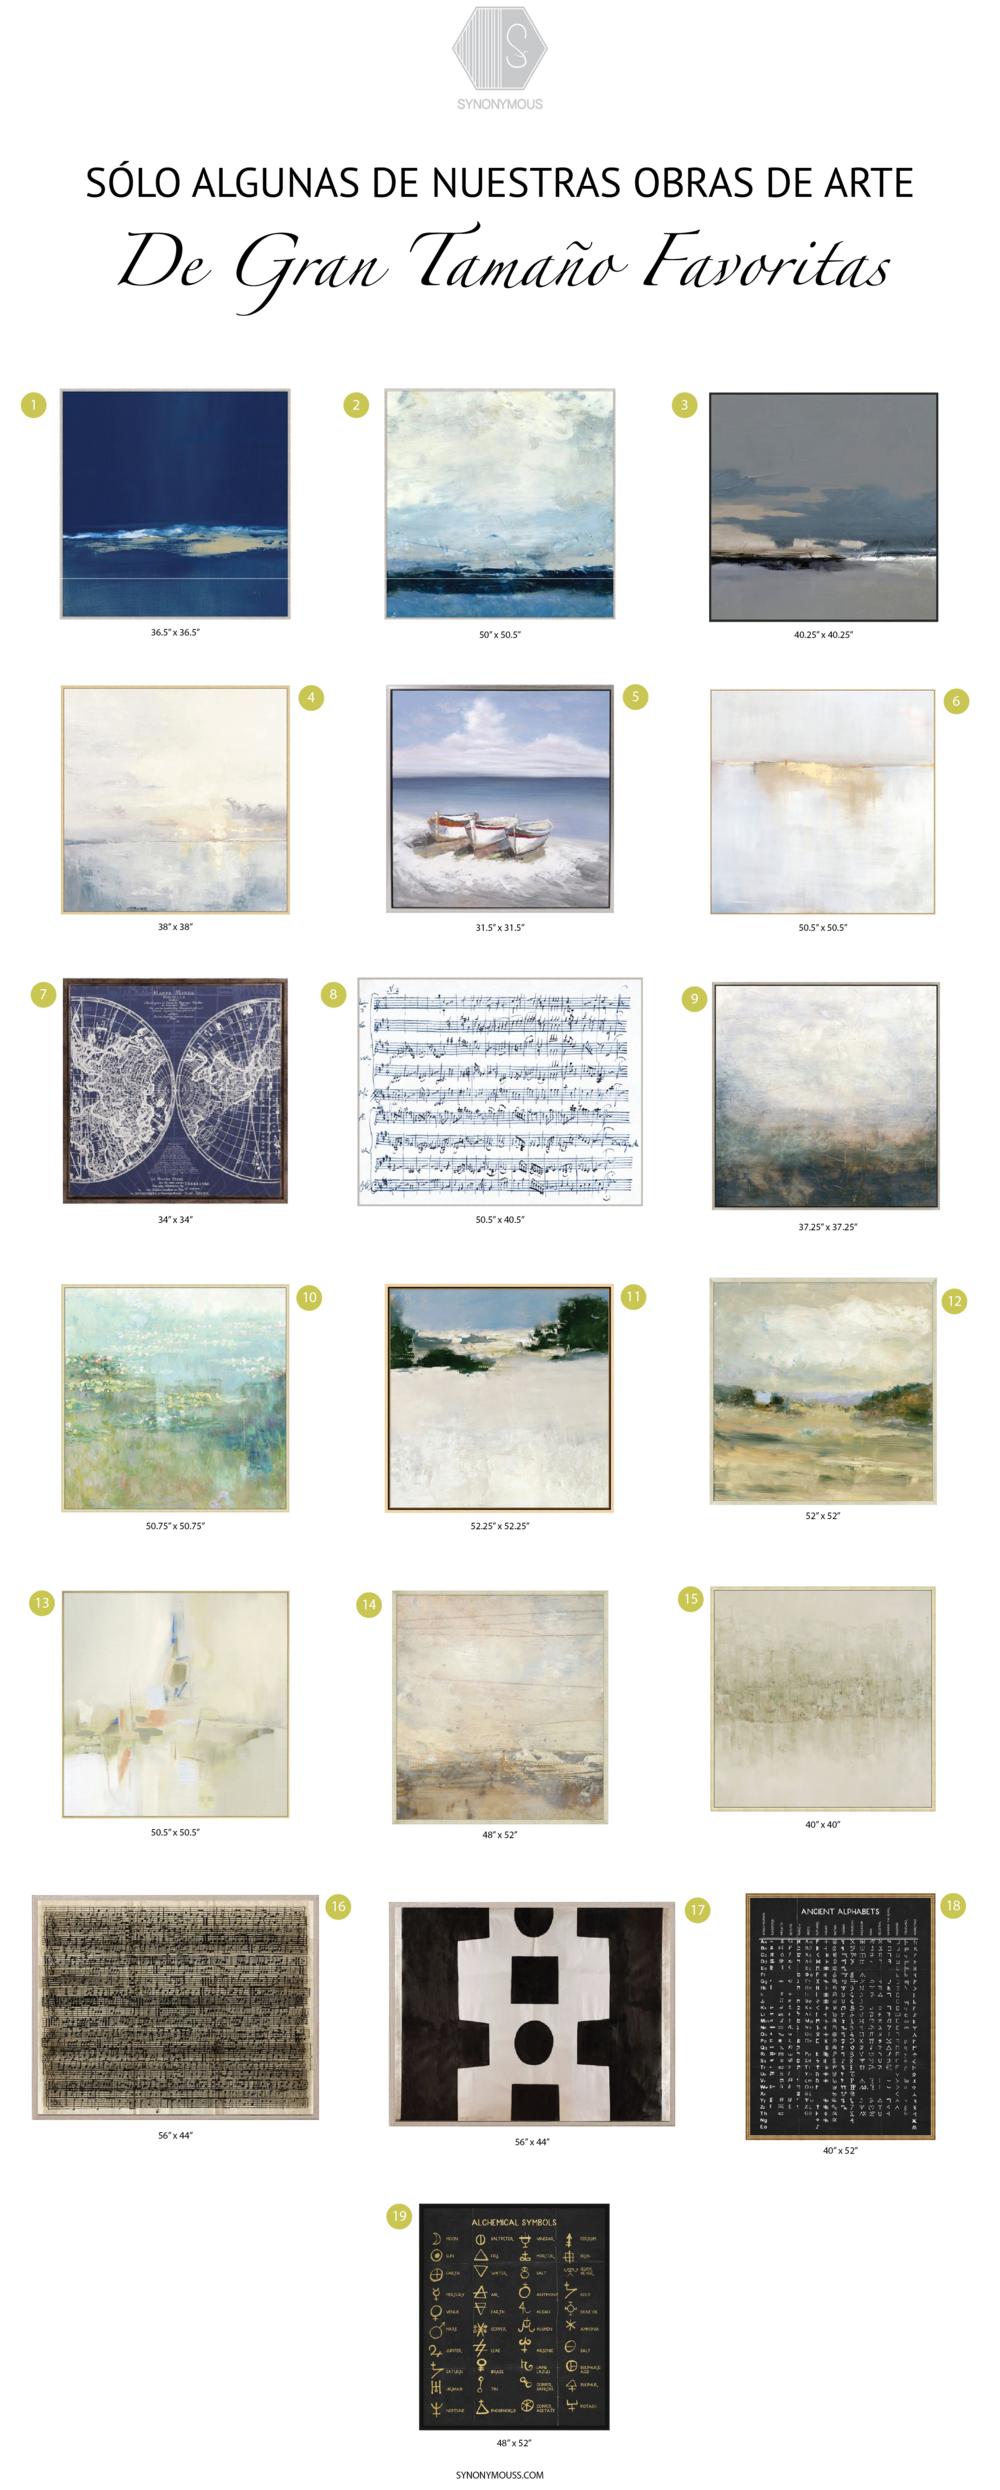 Nuestras Obras De Arte De Gran Tamaño Favoritas - Las Obras vistas están disponible a través de Synonymouss.com - SYNONYMOUS